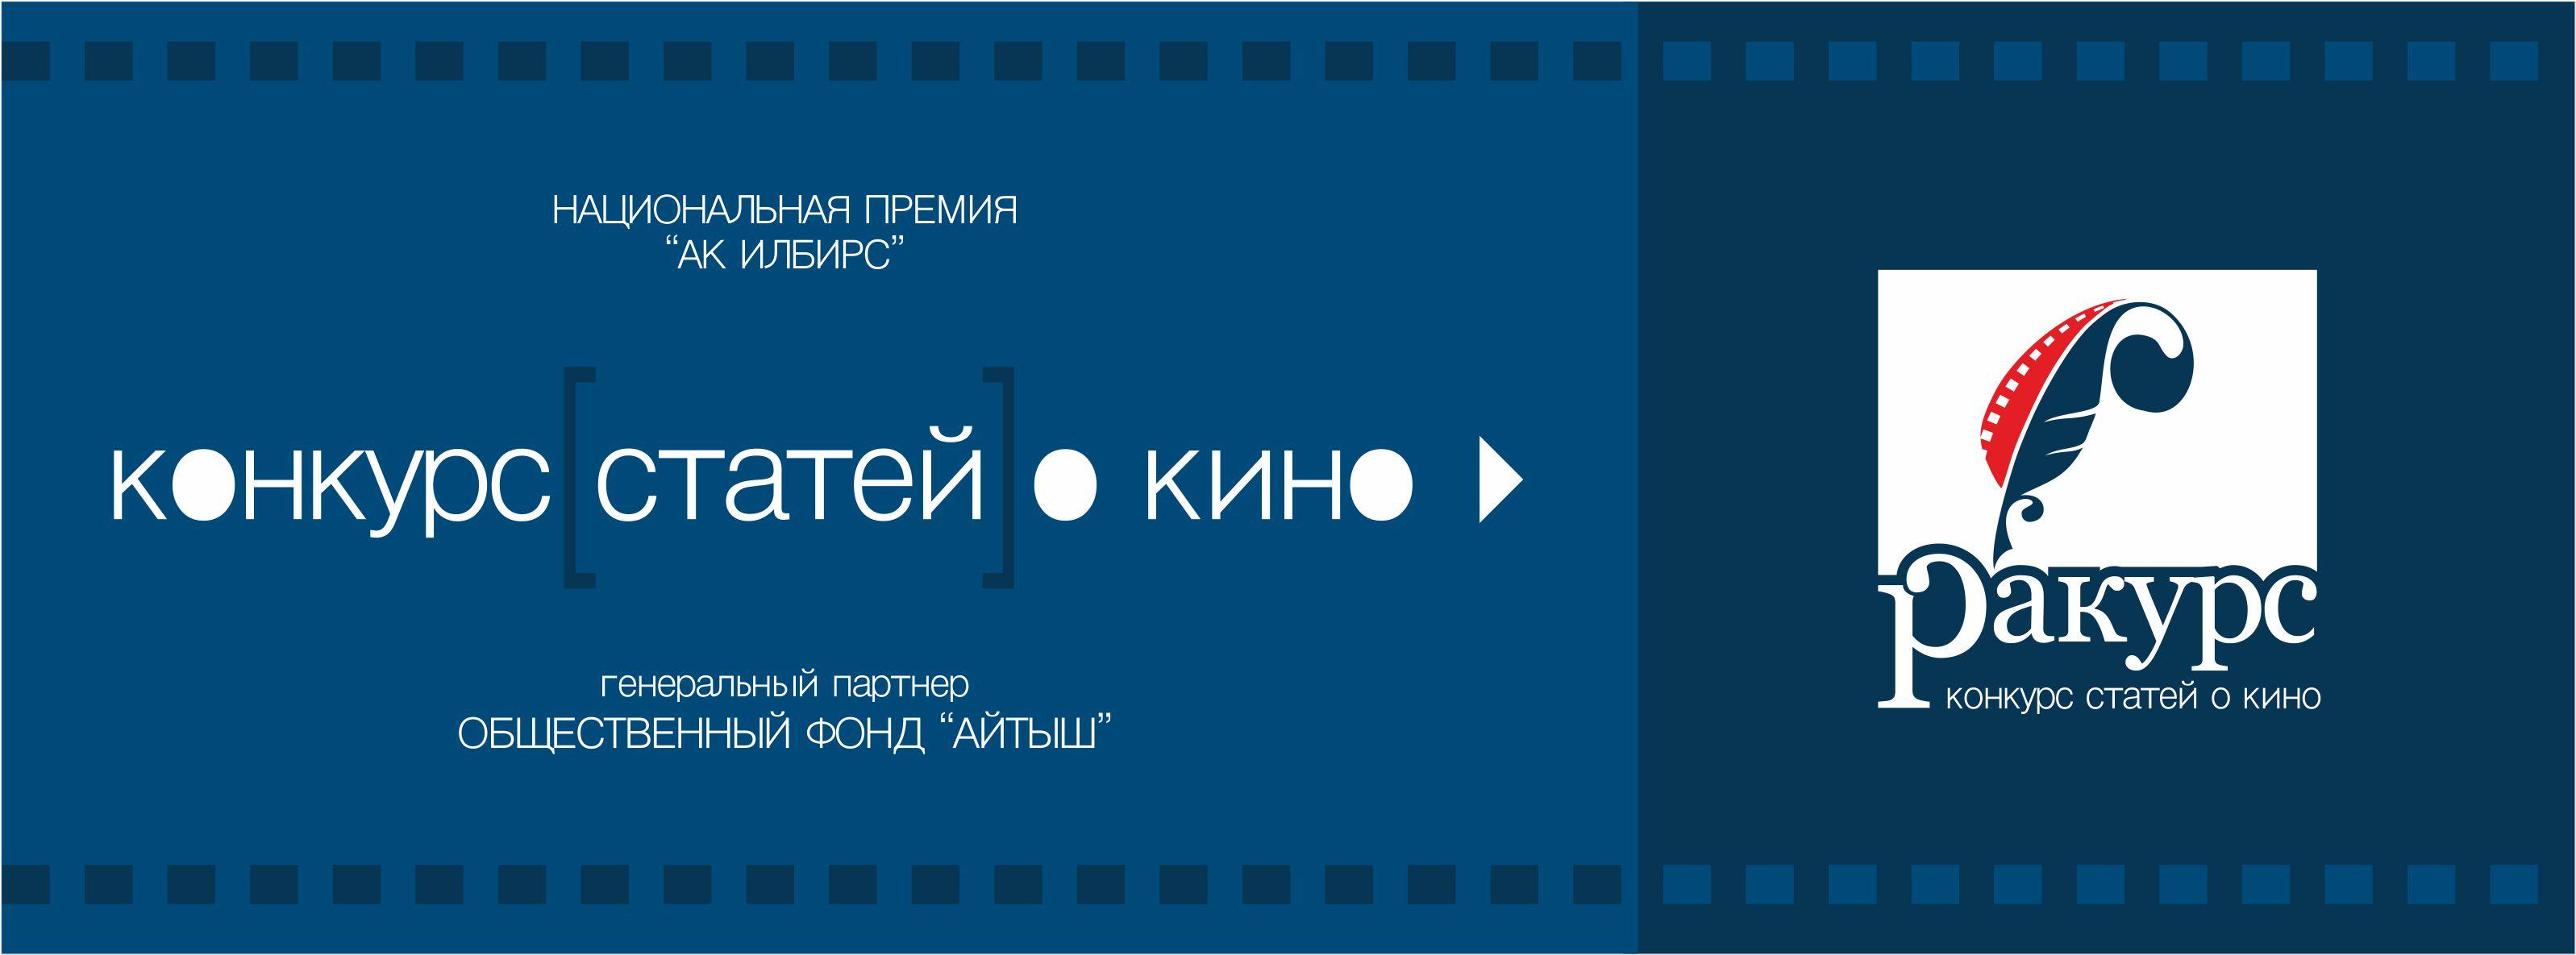 """""""РАКУРС"""" киномакалалар сынагы"""